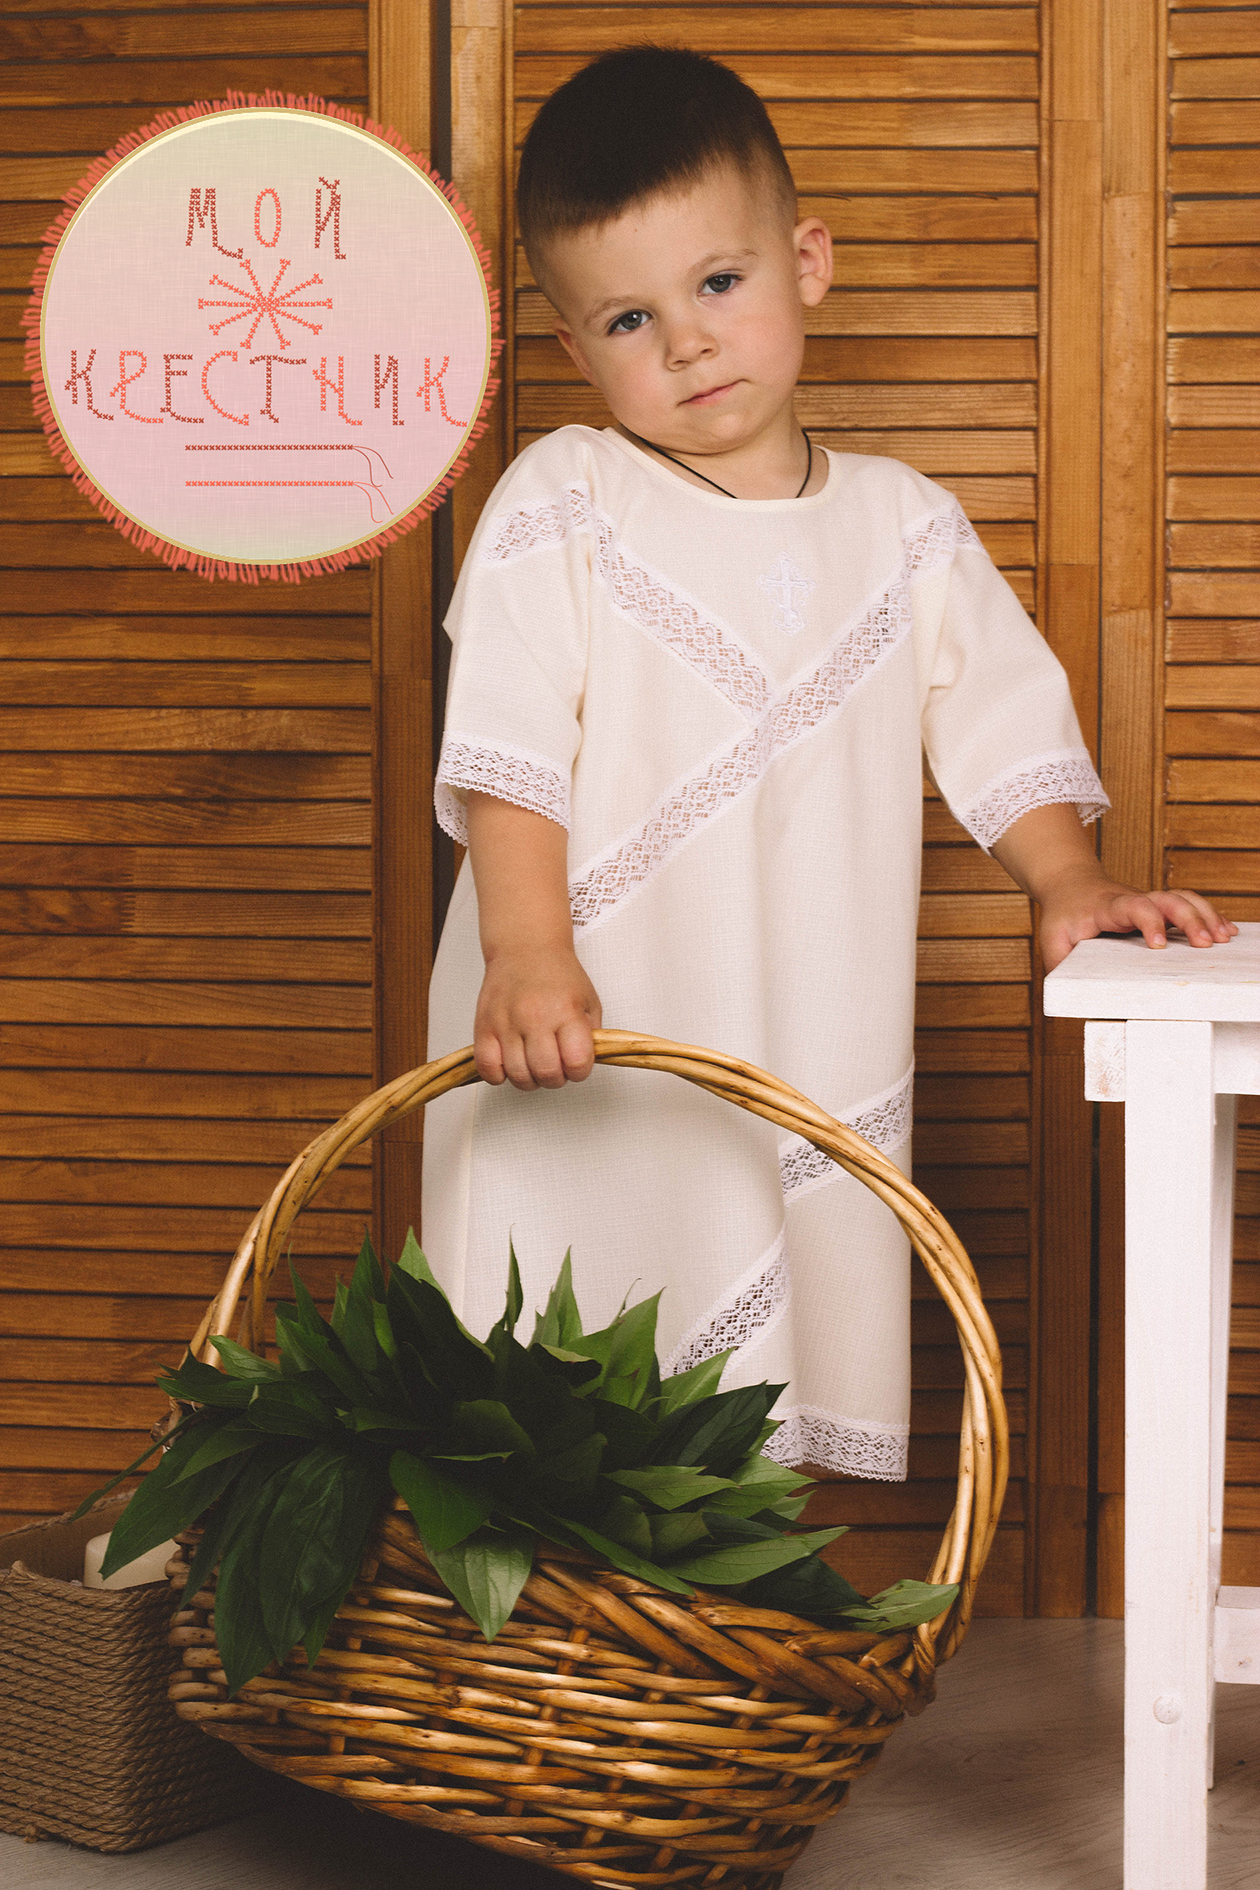 Логотип для крестильной одежды(детской). фото f_3785d57cb341666b.jpg